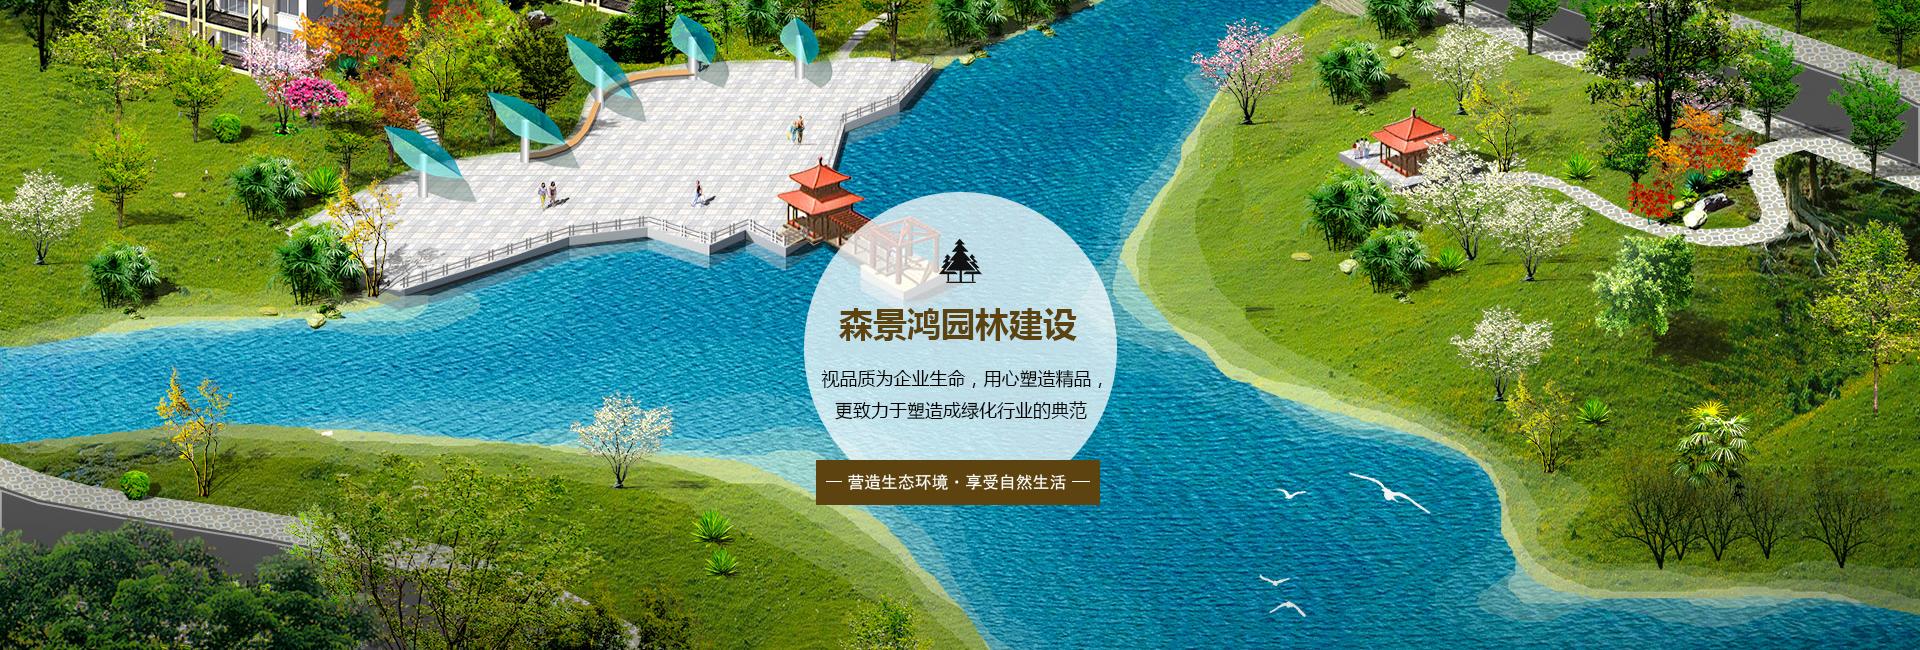 南宁景观工程,南宁景观工程公司,南宁园林景观设计